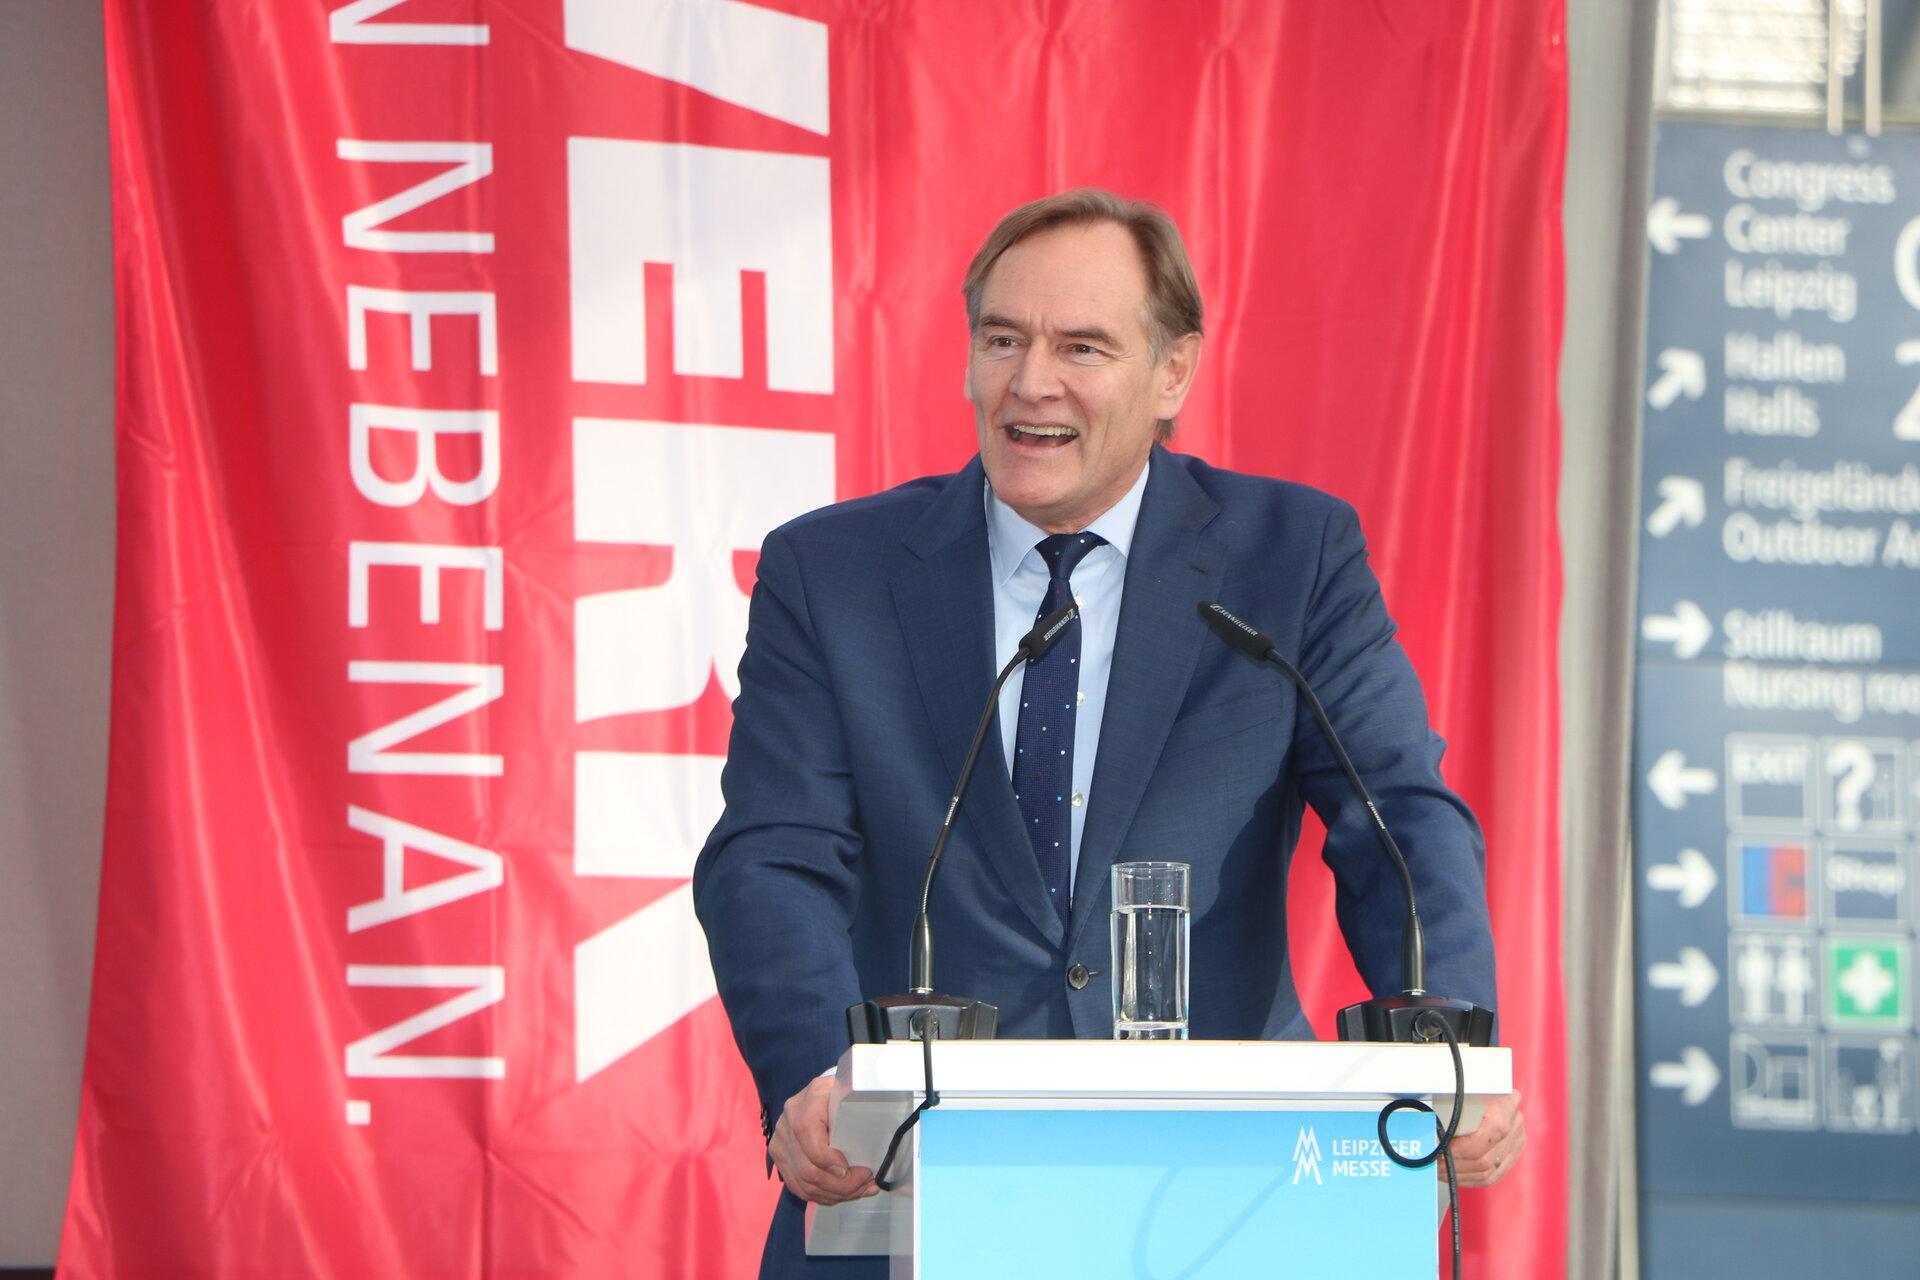 Eröffnnung der mhm 2020 durch OBM Burkhardt Jung